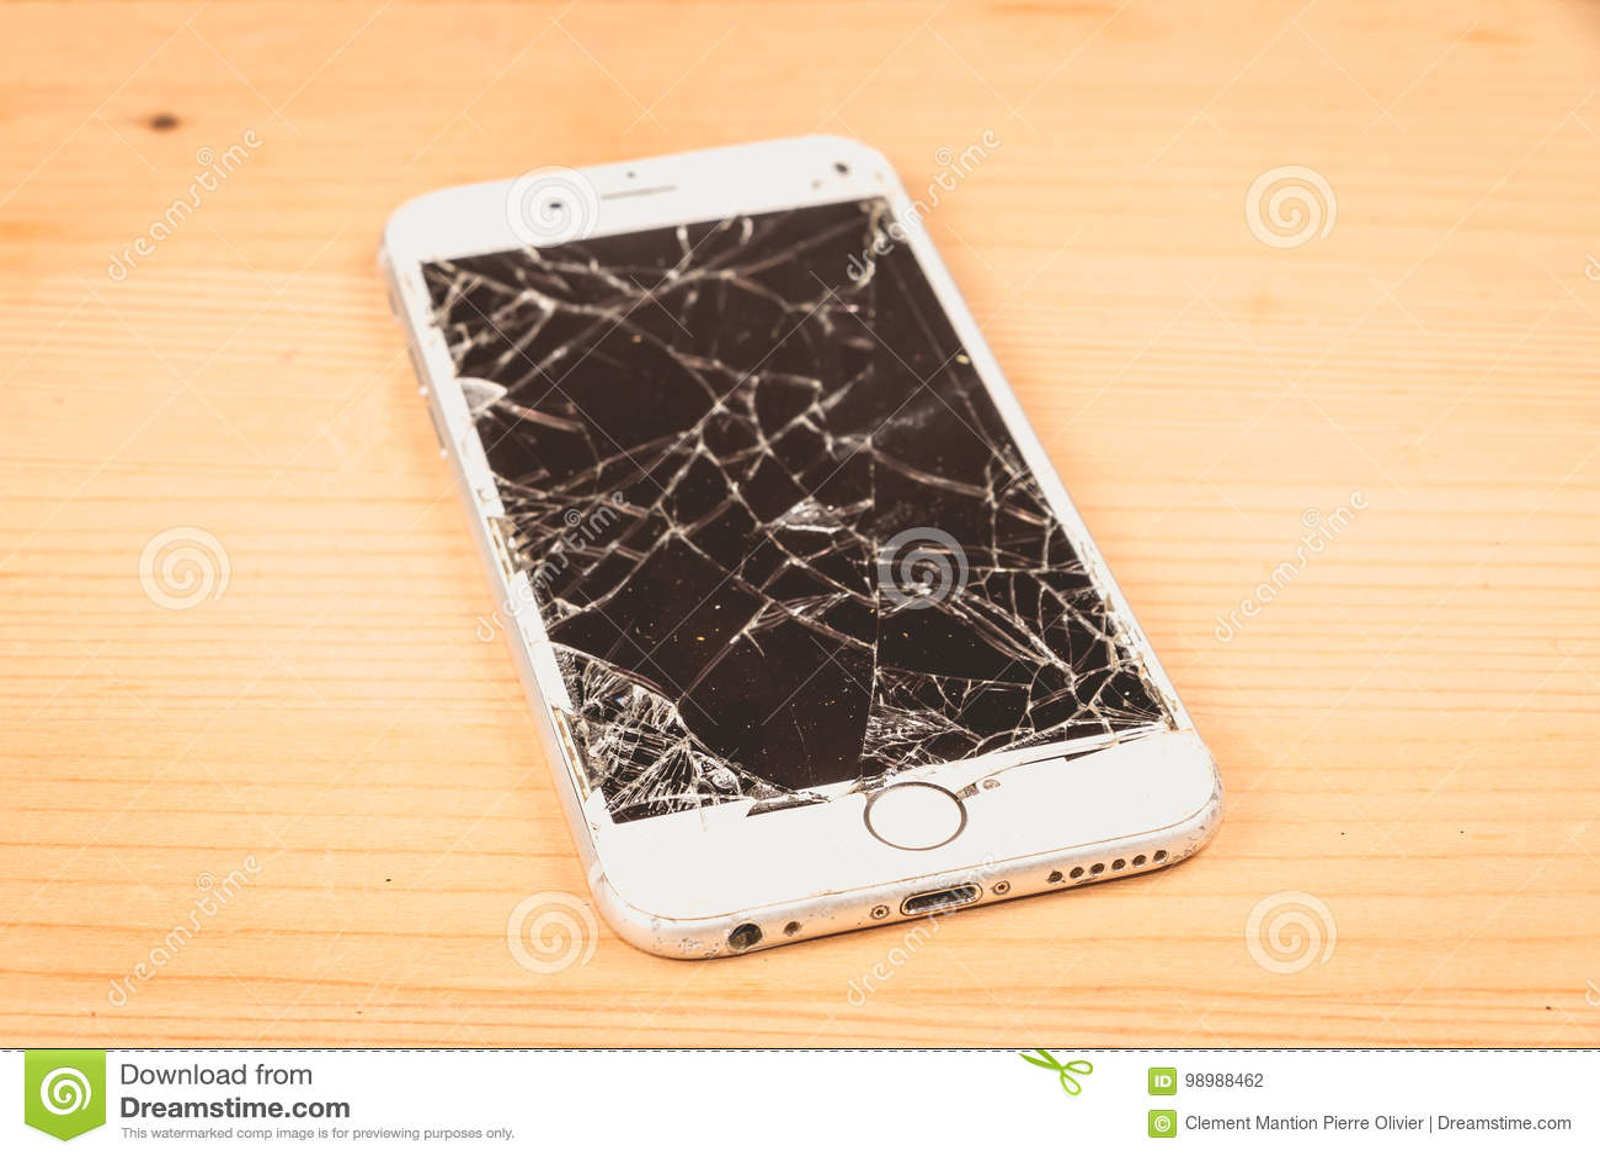 Den brutna iPhonen 6S framkallade vid företaget Apple Inc